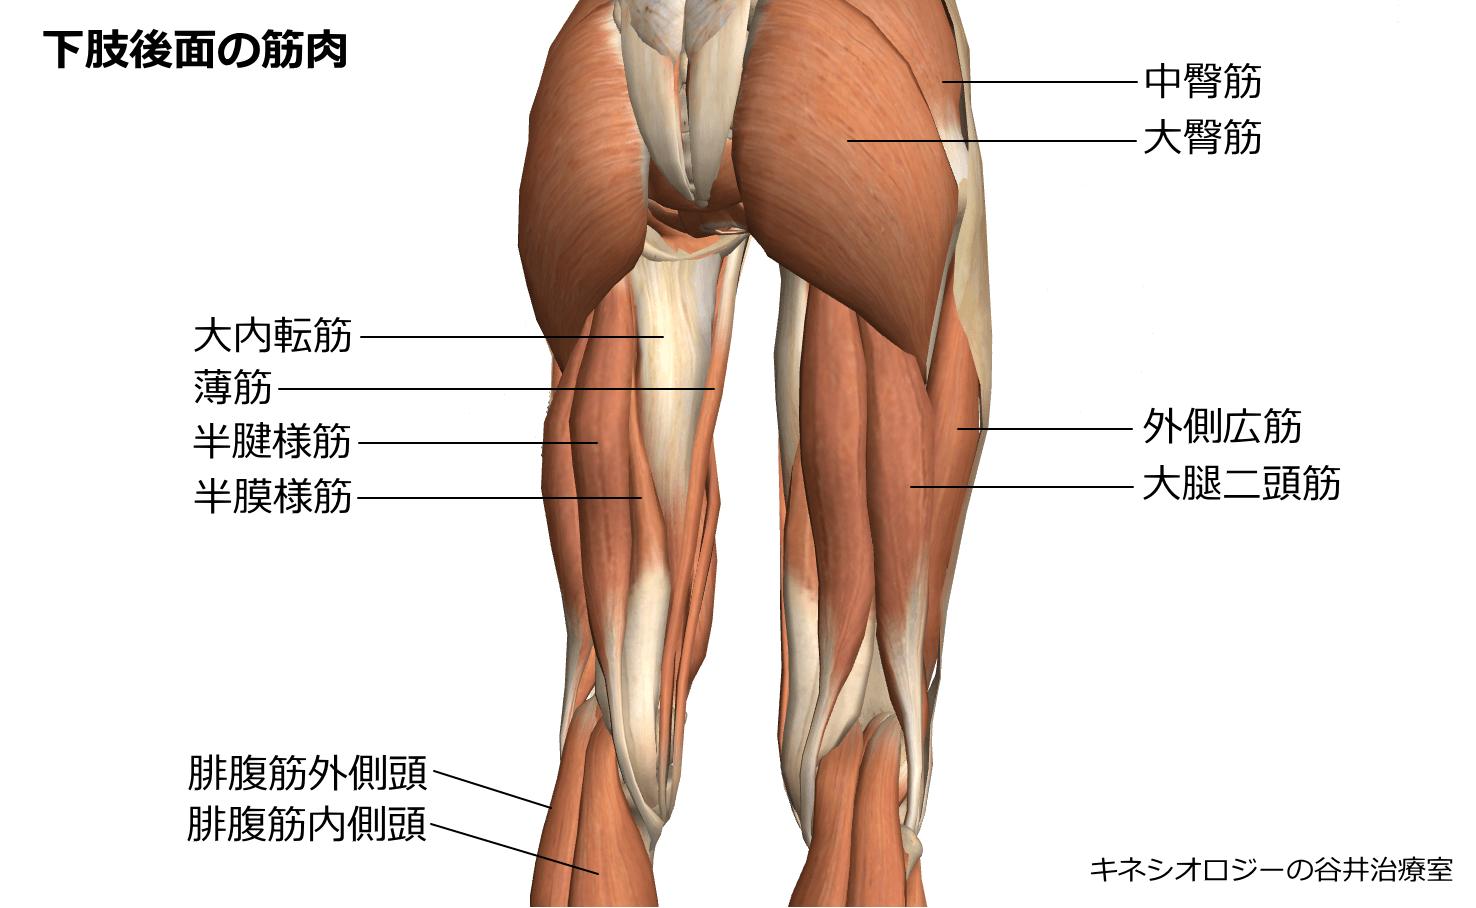 大腿後面の筋肉